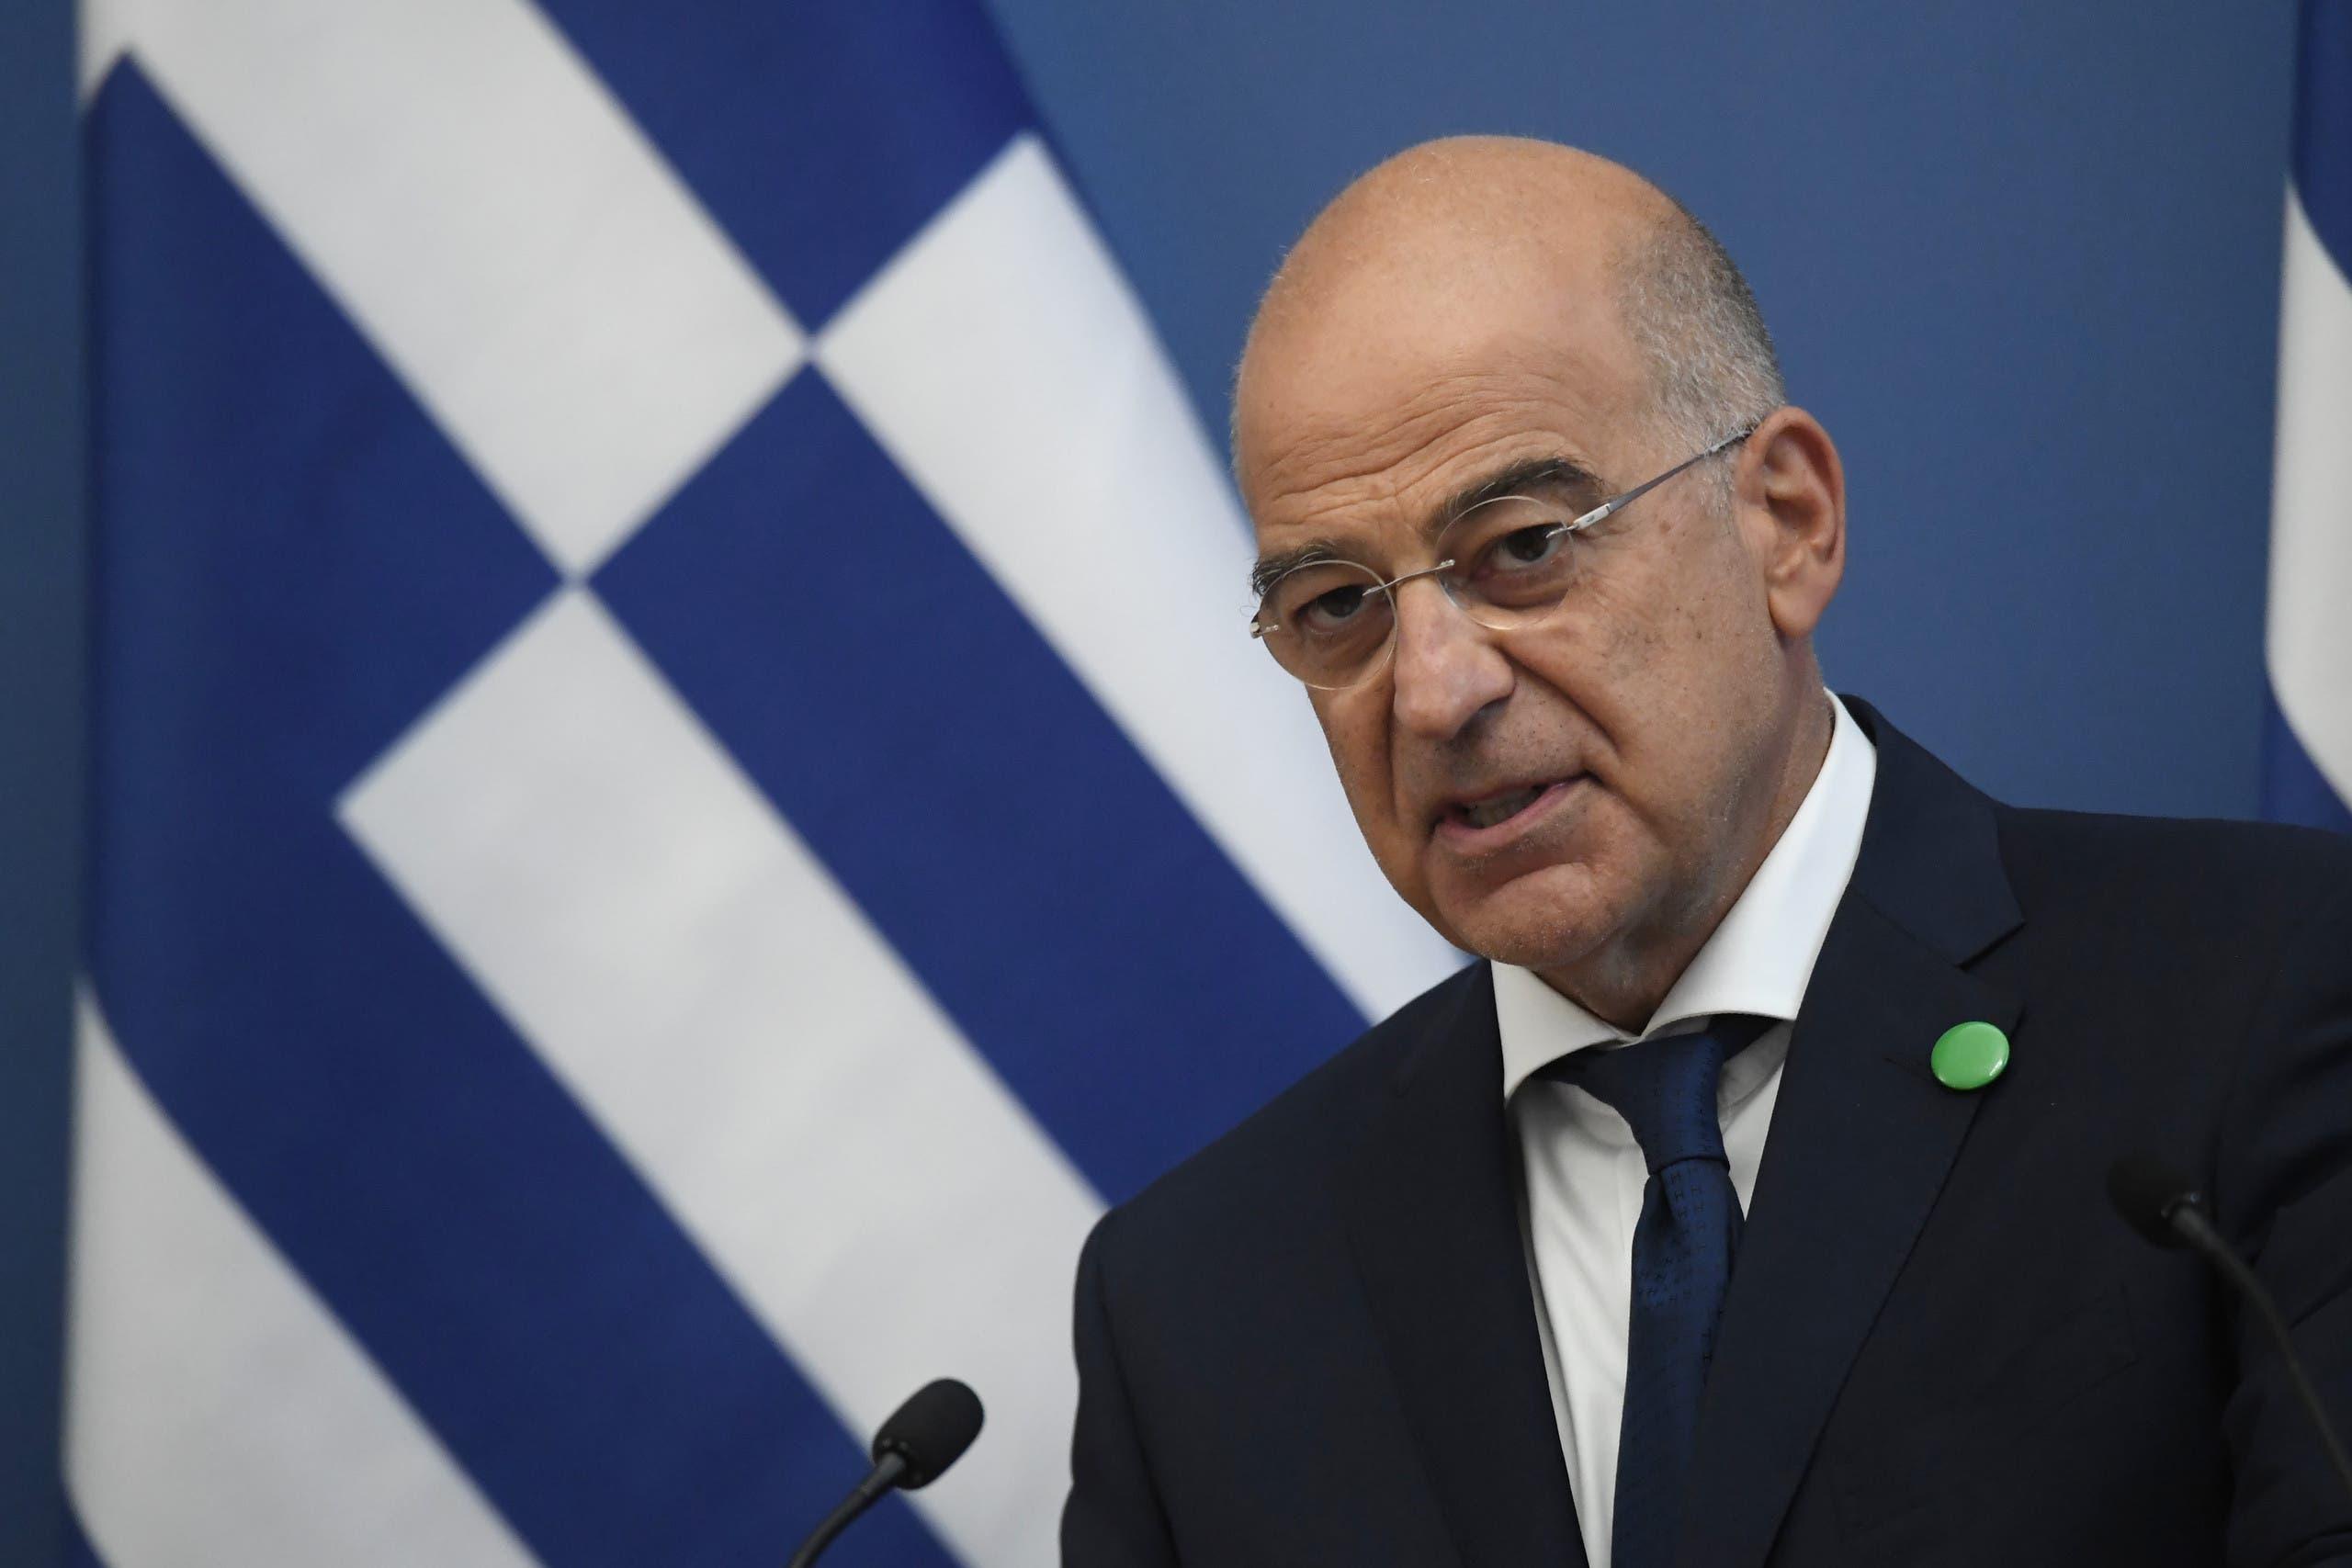 وزير الخارجية اليوناني نيكوس داندياس (أرشيفية فرانس برس)